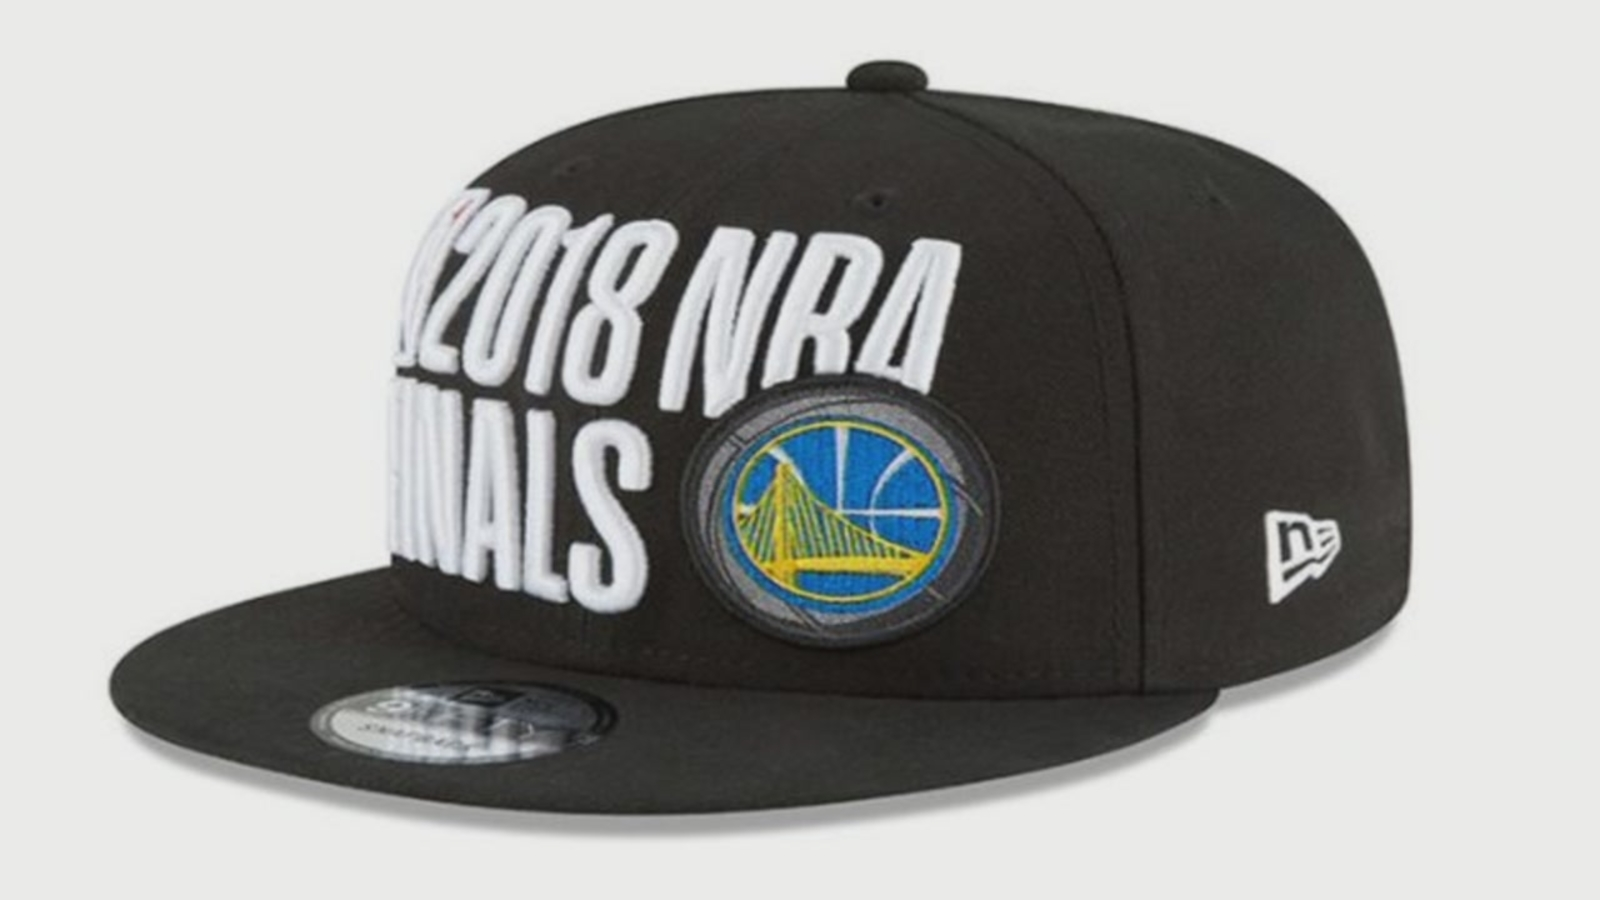 quality design f952c 04545 NBA Finals hat design likened to NRA logo   abc7news.com